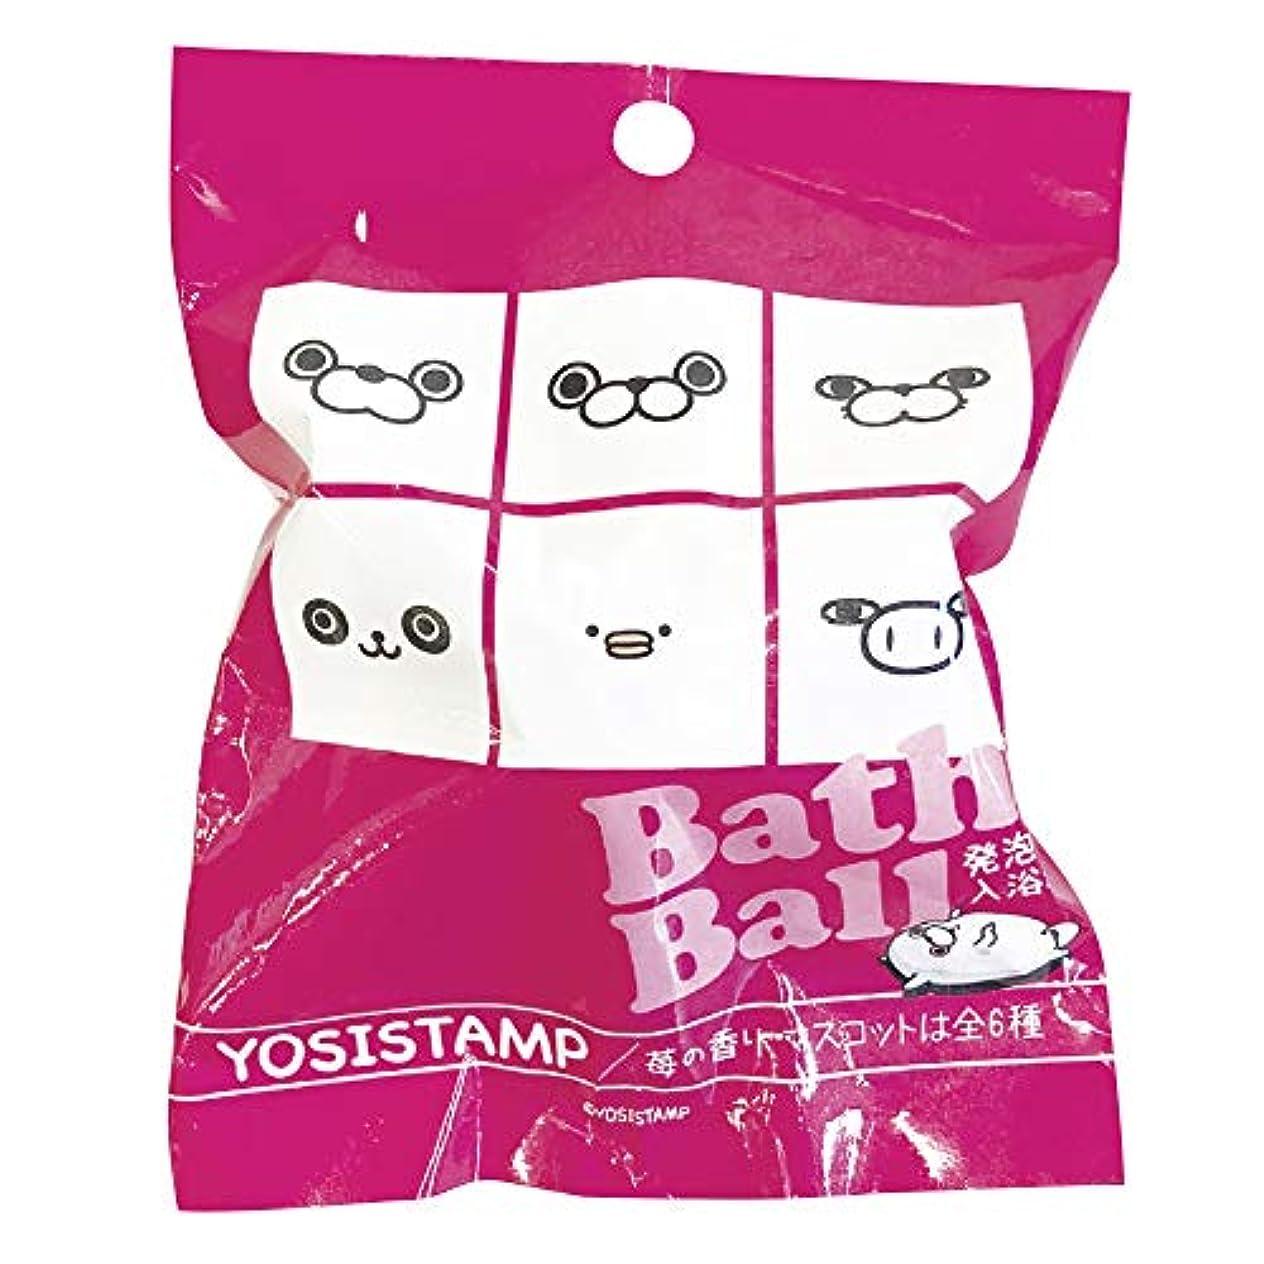 灰枠こしょうヨッシースタンプ 入浴剤 バスボール おまけ付き イチゴの香り ABD-004-002